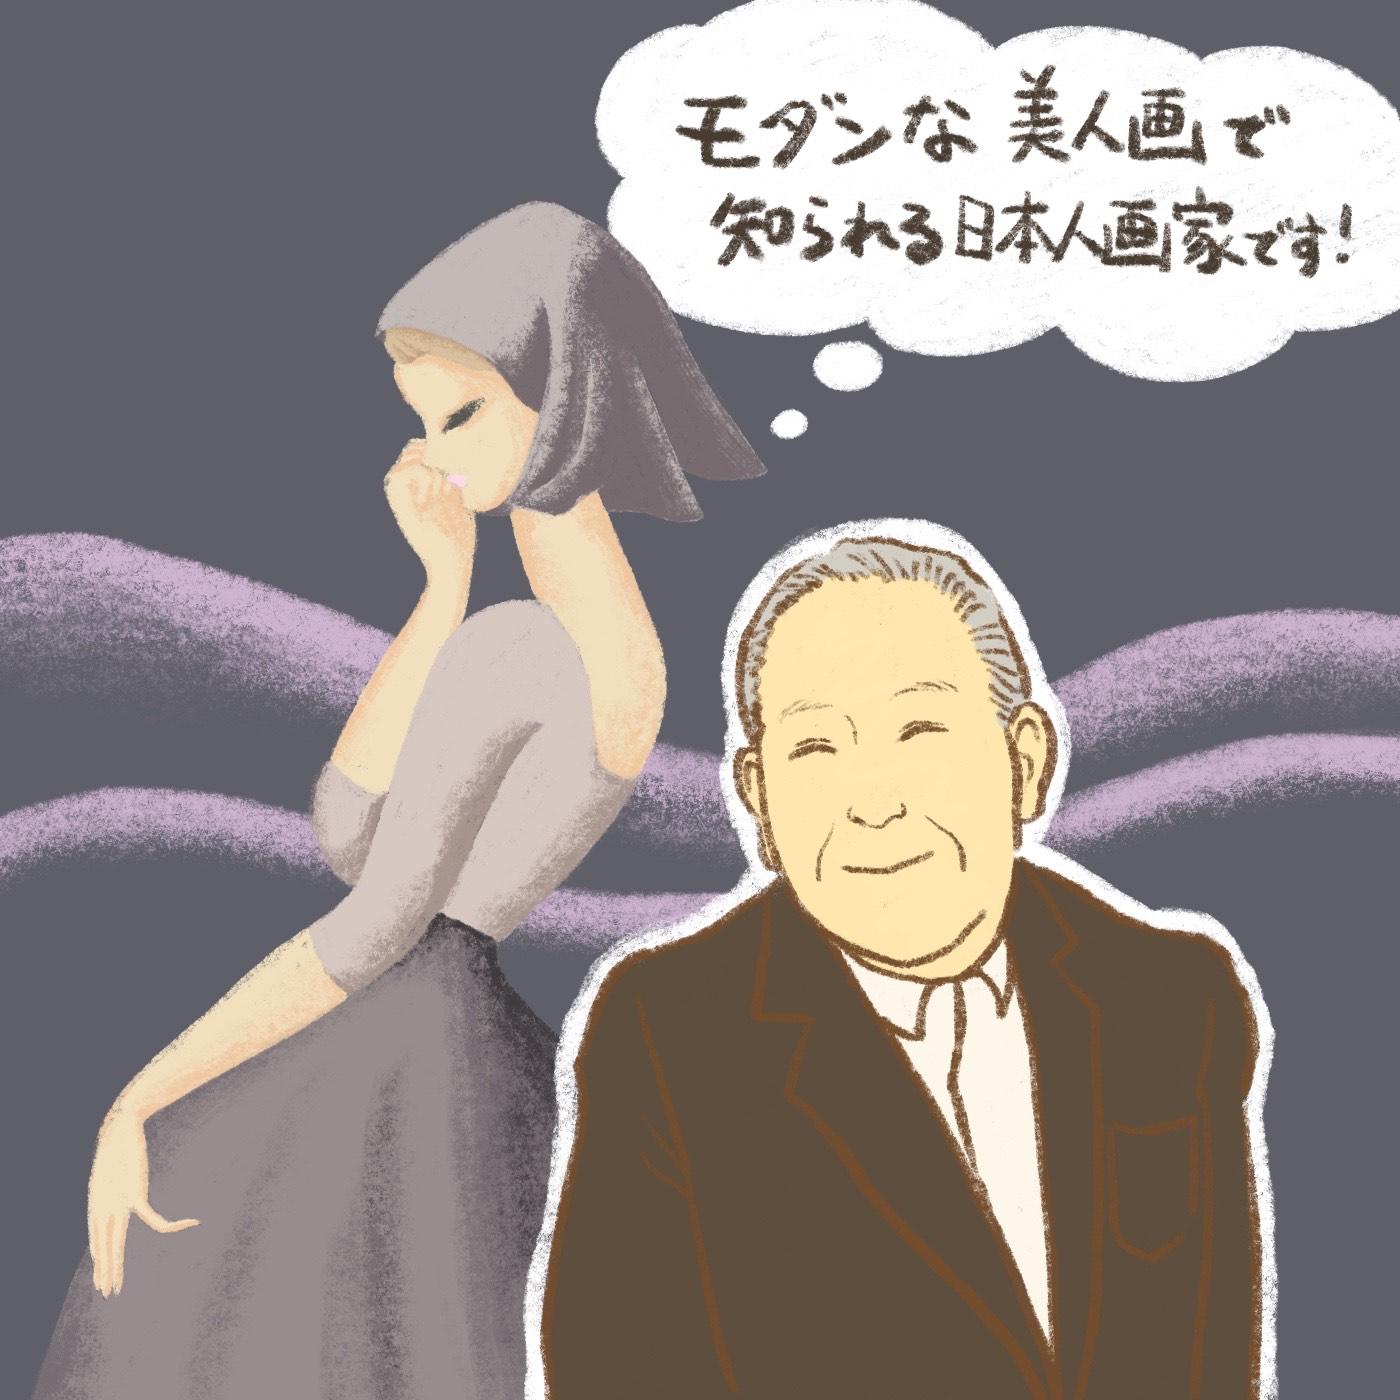 OBIKAKE ナニソレ 東郷青児 美人画